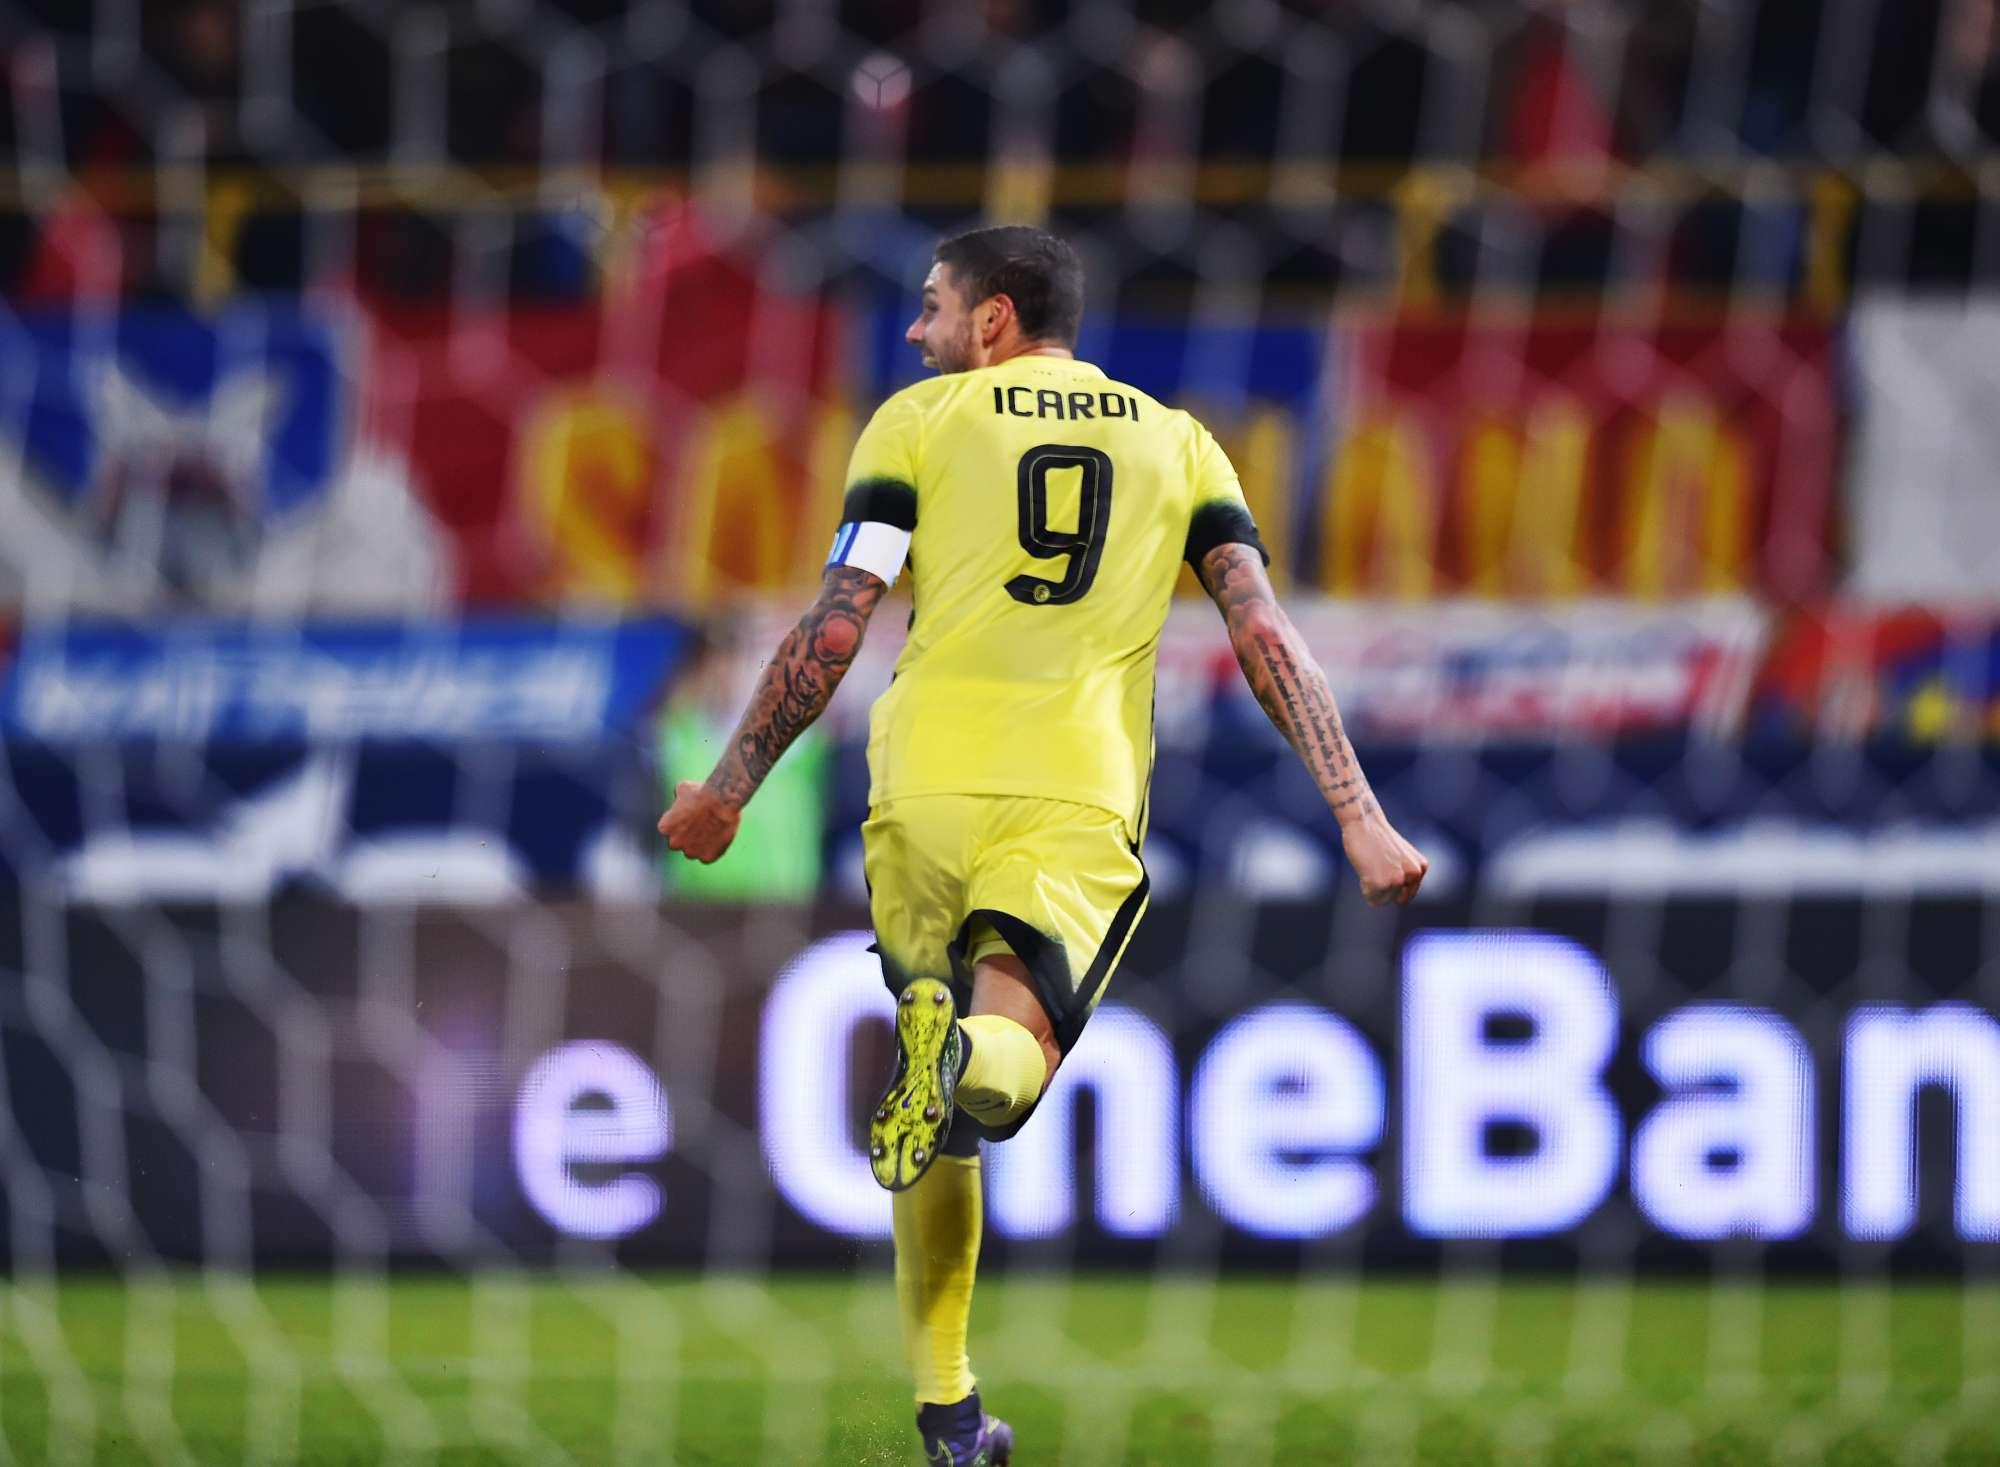 Icardi ha chiuso il campionato con 16 gol